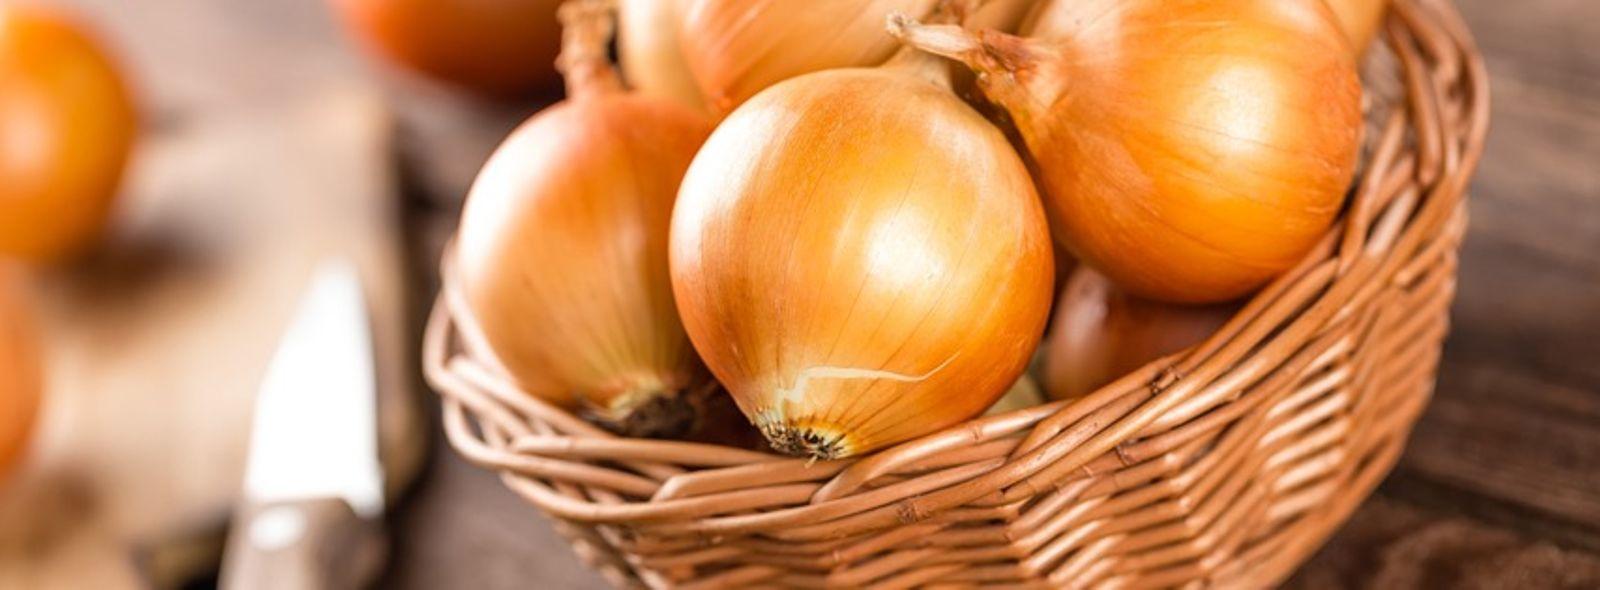 Come conservare la cipolla